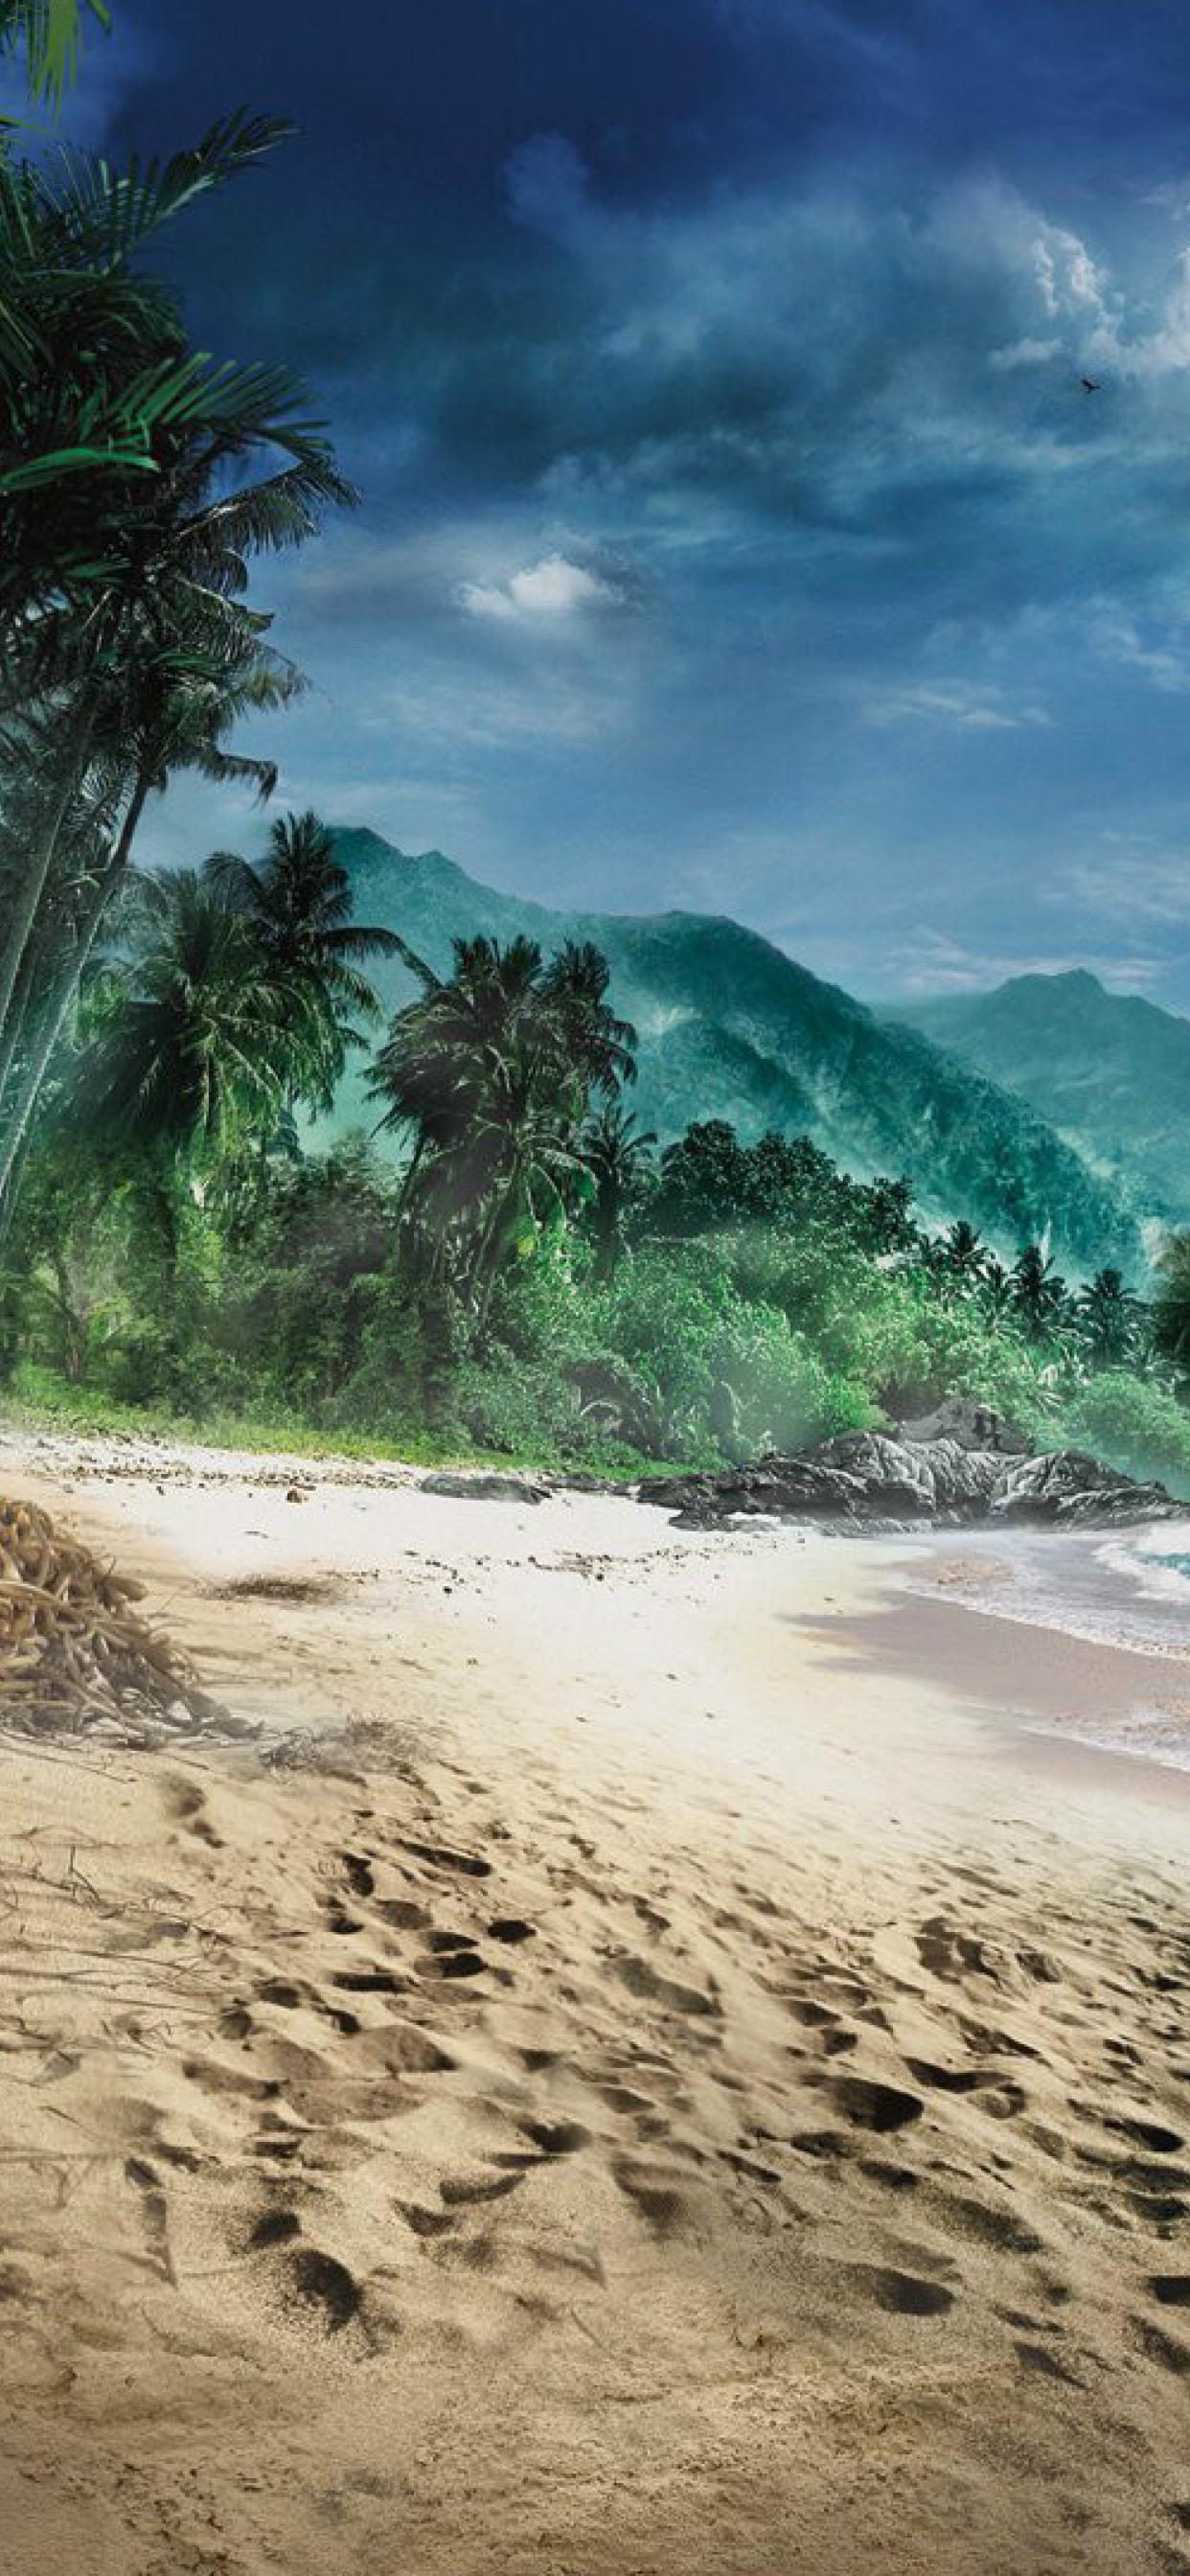 1242x2688 Far Cry 3 Beach Game Iphone Xs Max Wallpaper Hd Games